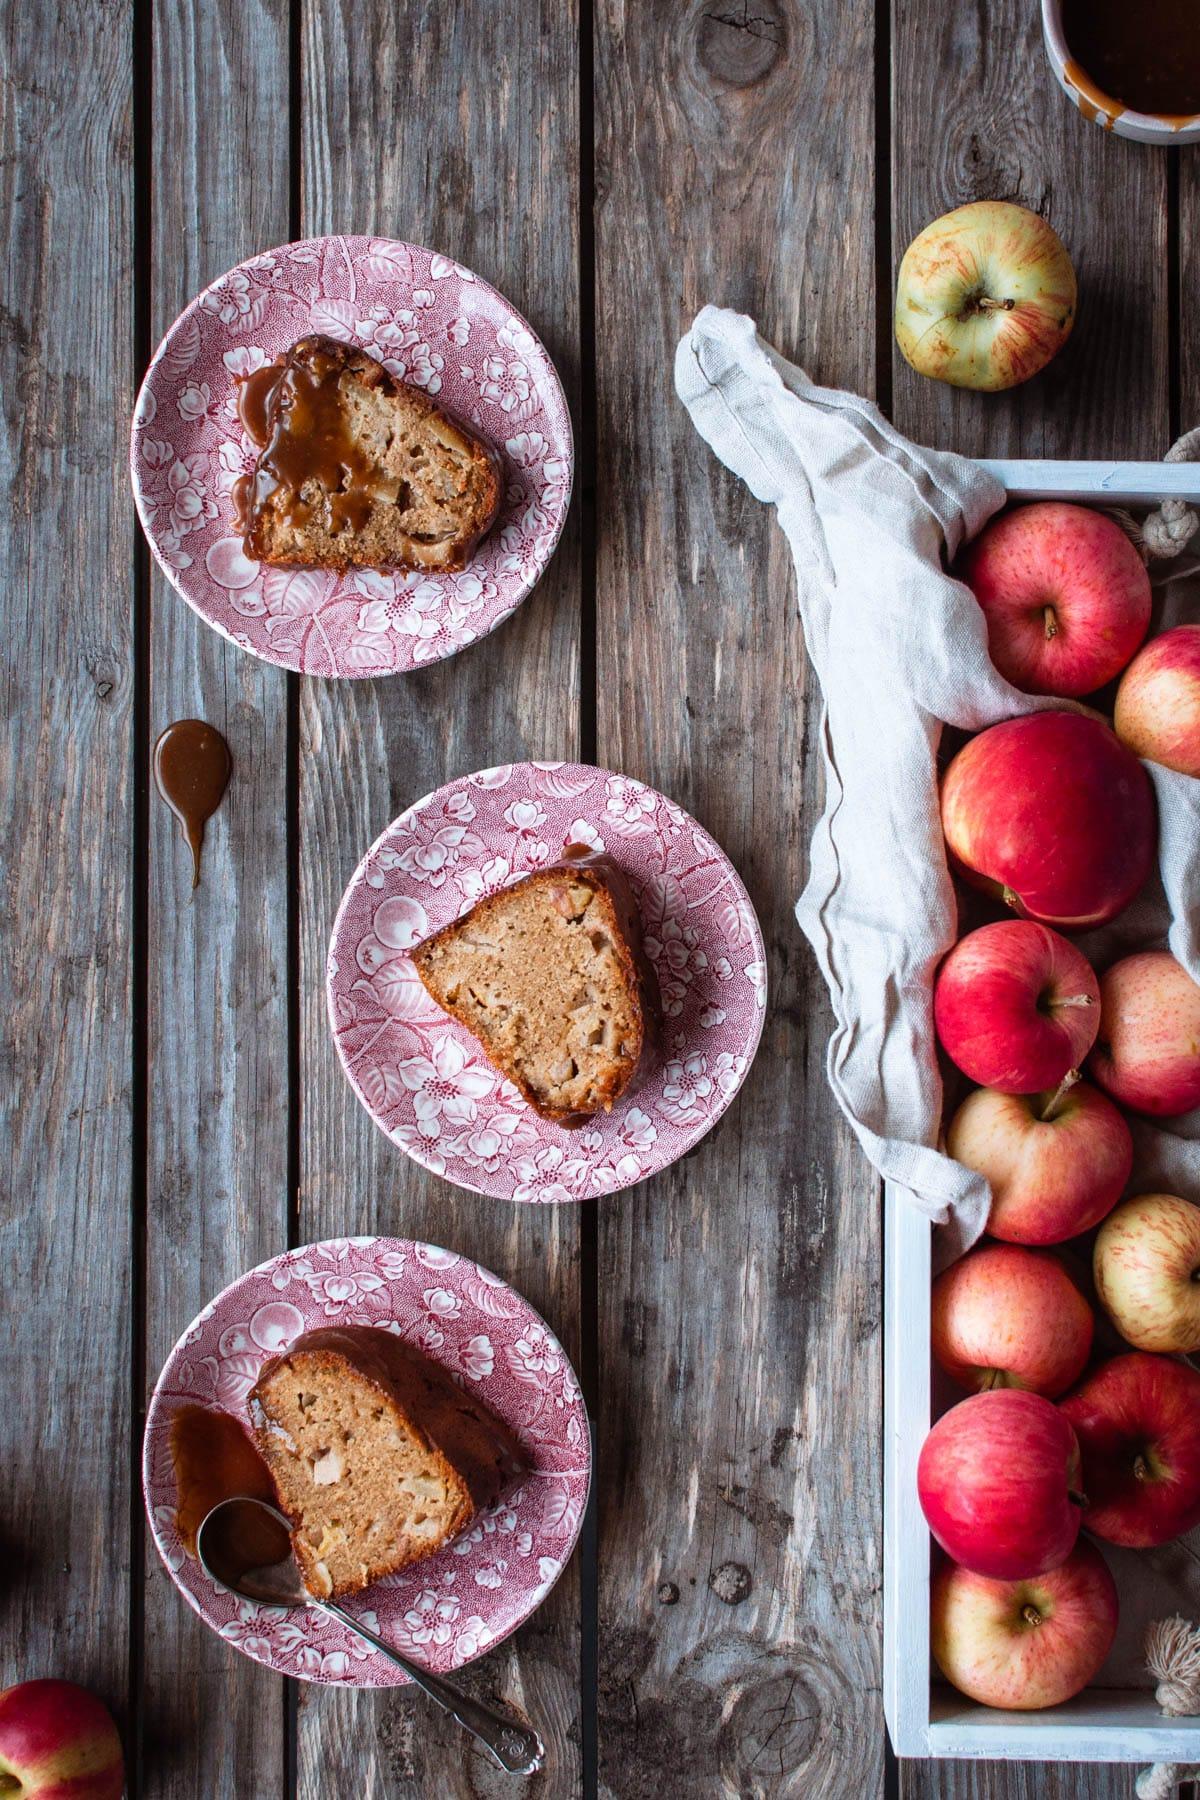 Kolme palaa omenakuivakakkua vaaleanpunaisilla lautasilla puupöydällä. Kuvan oikeassa laidassa on omenoita valkoisella puutarjottimella.